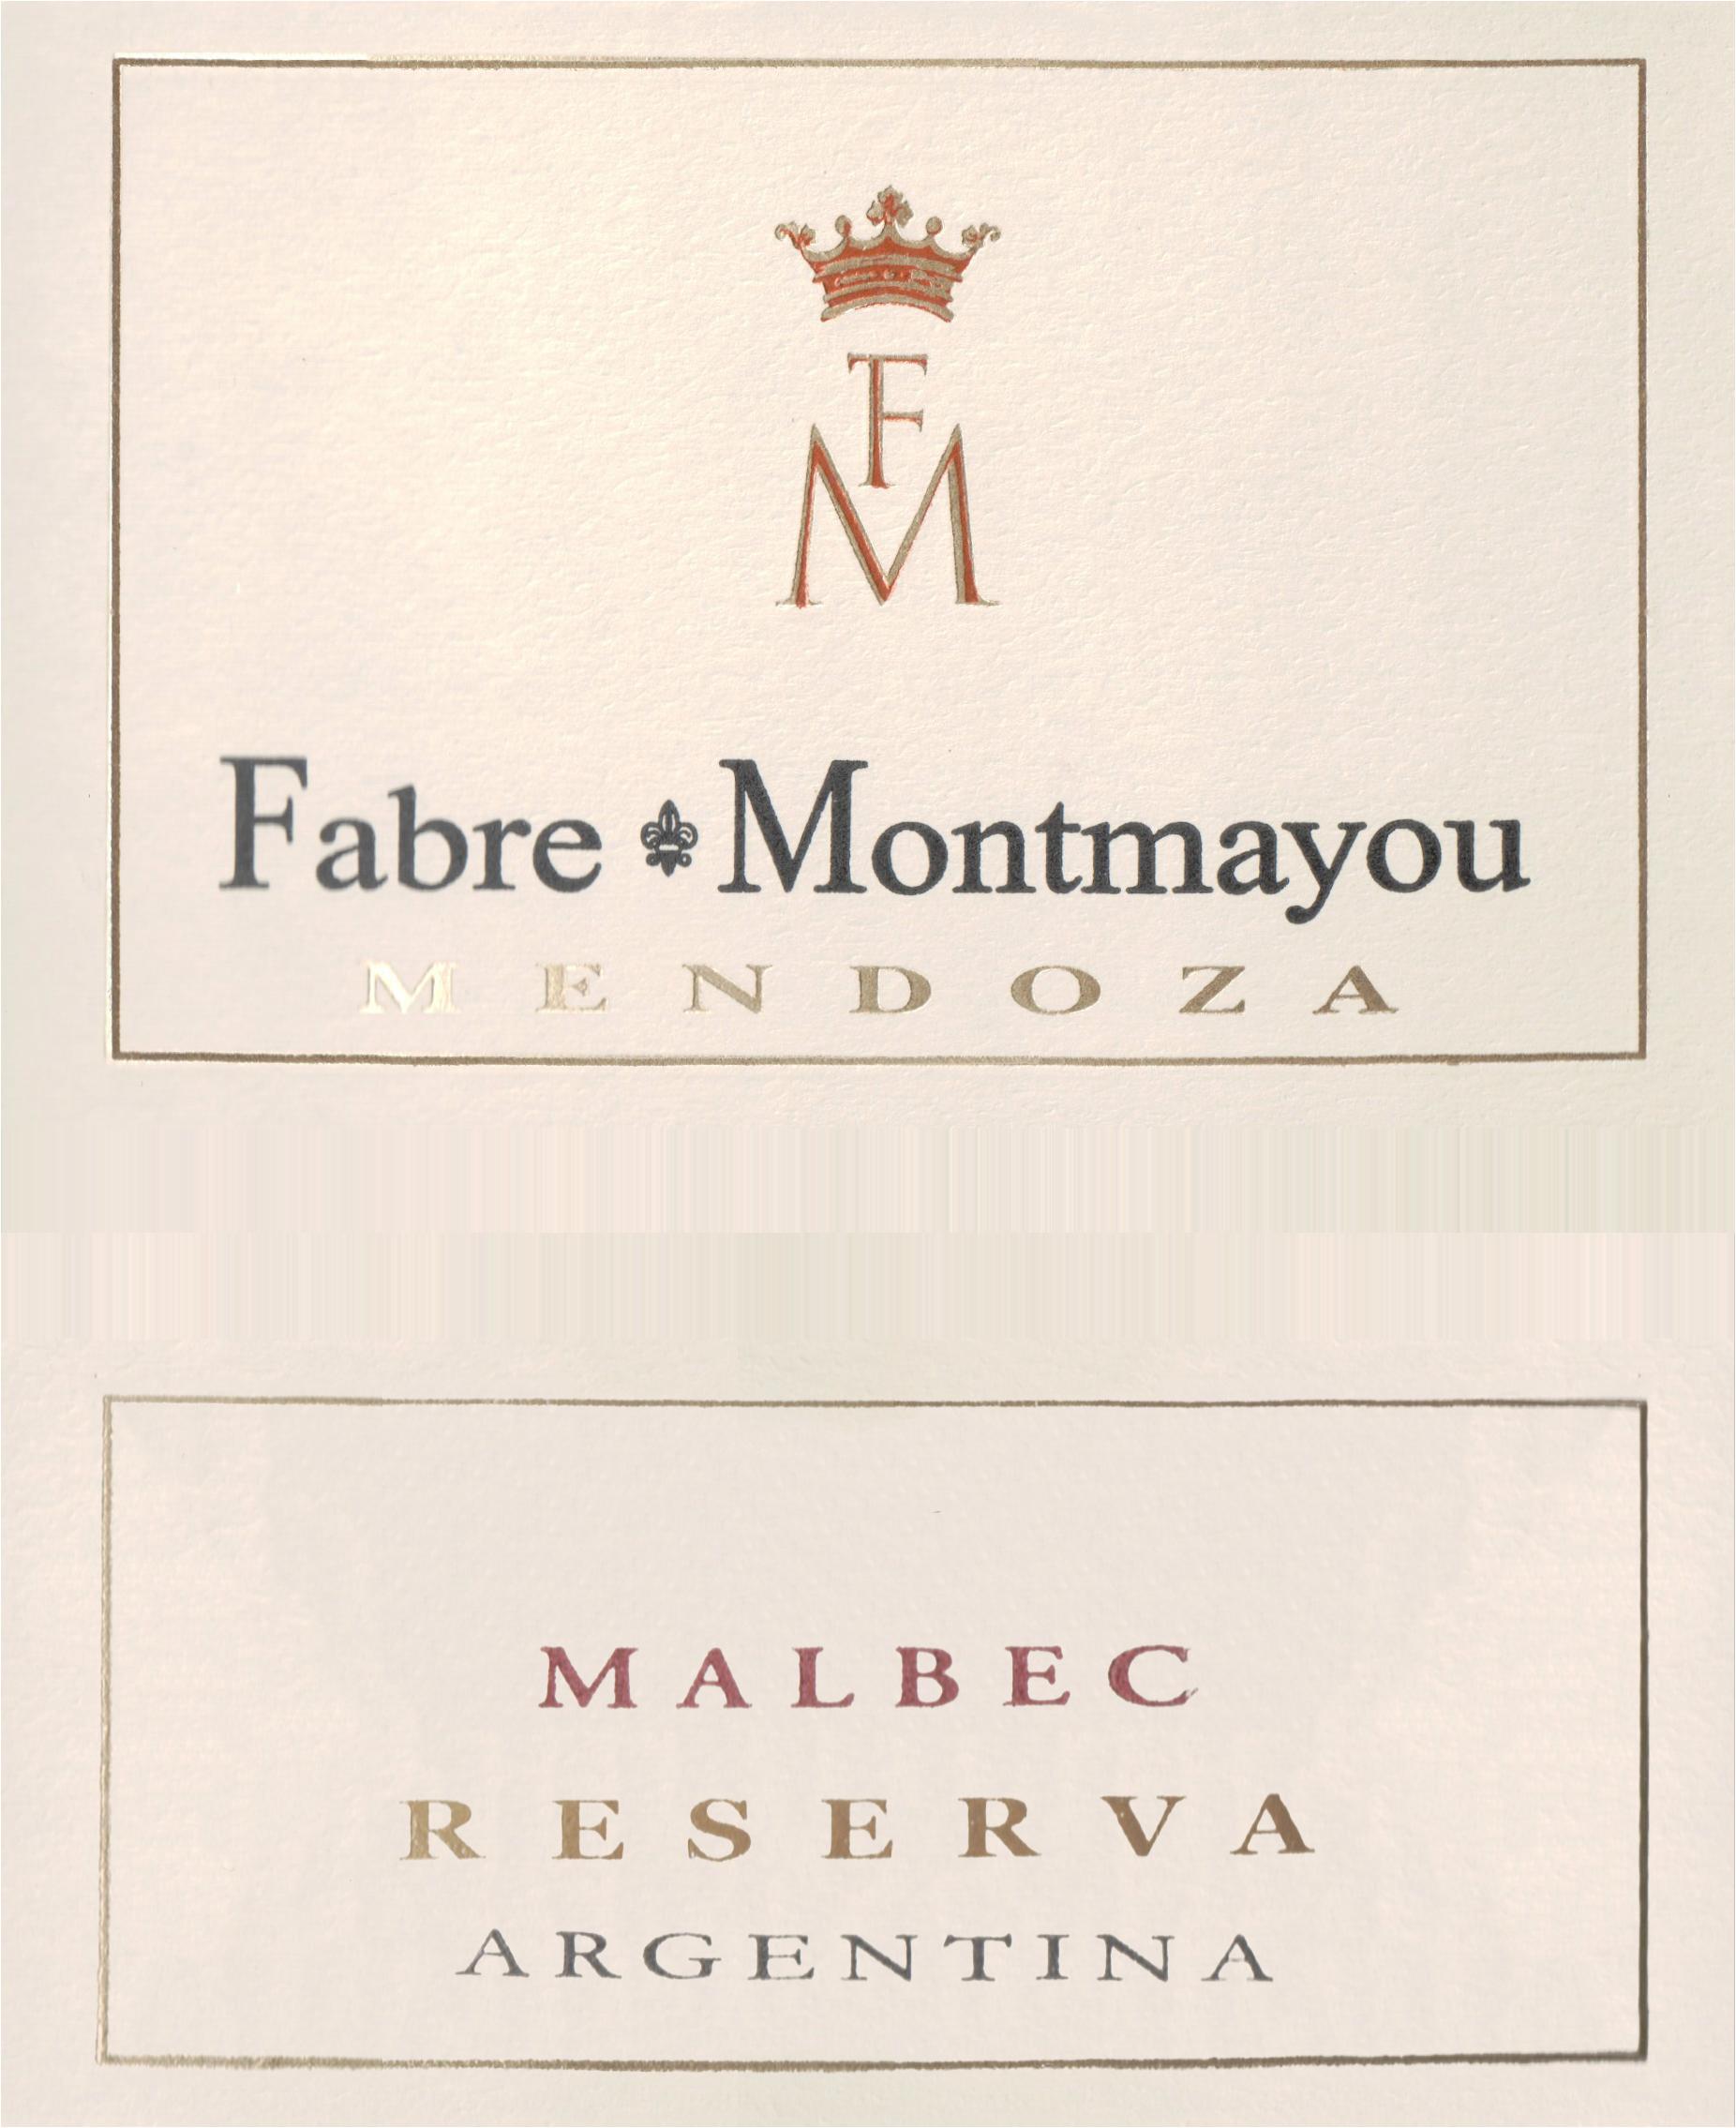 Fabre Montmayou Reserva Malbec 2018